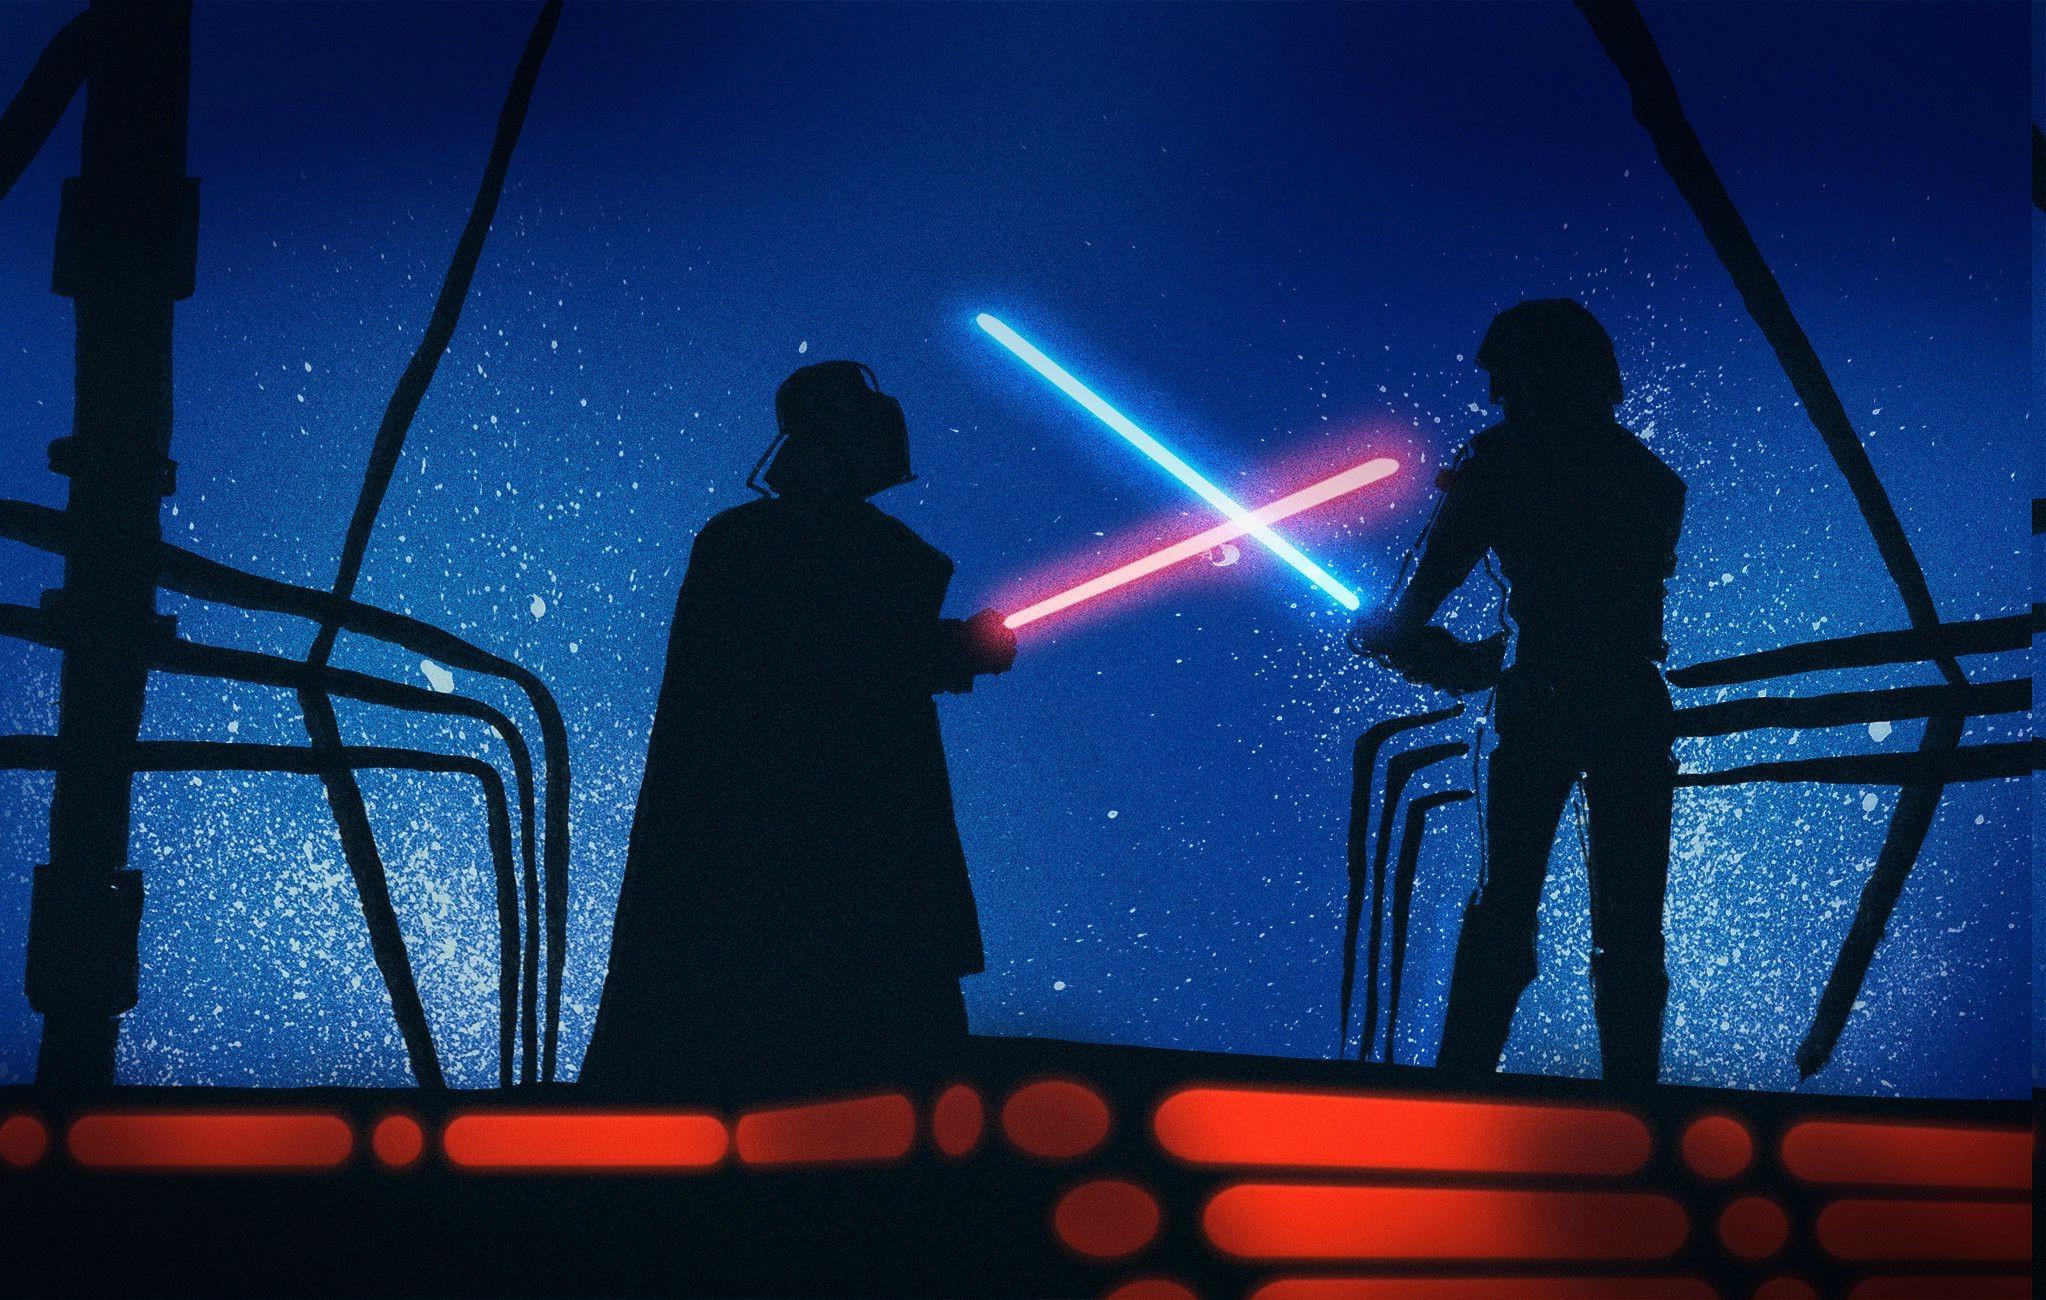 2046x1300 Px Anakin Skywalker Darth Vader Luke Star Wars